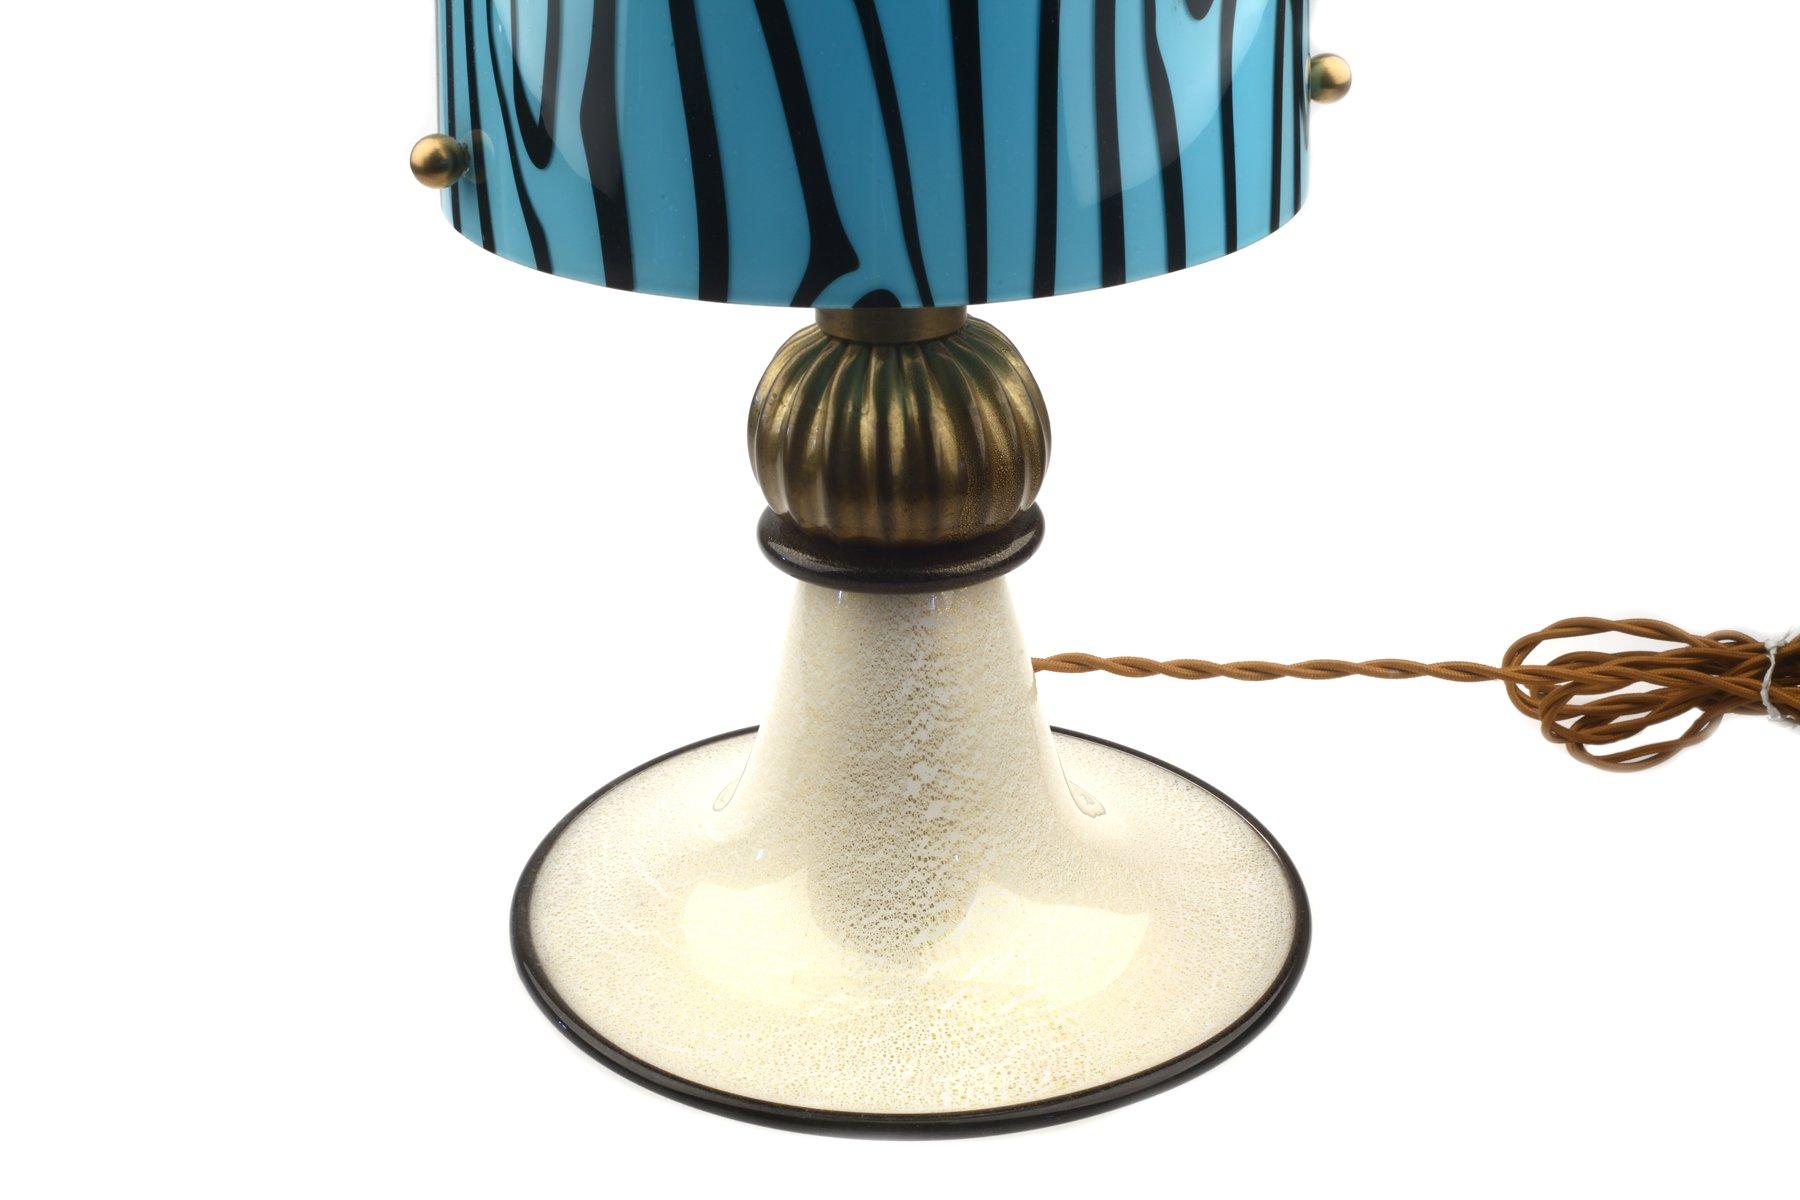 murano glas tischlampe mit blattgold fu bei pamono kaufen. Black Bedroom Furniture Sets. Home Design Ideas